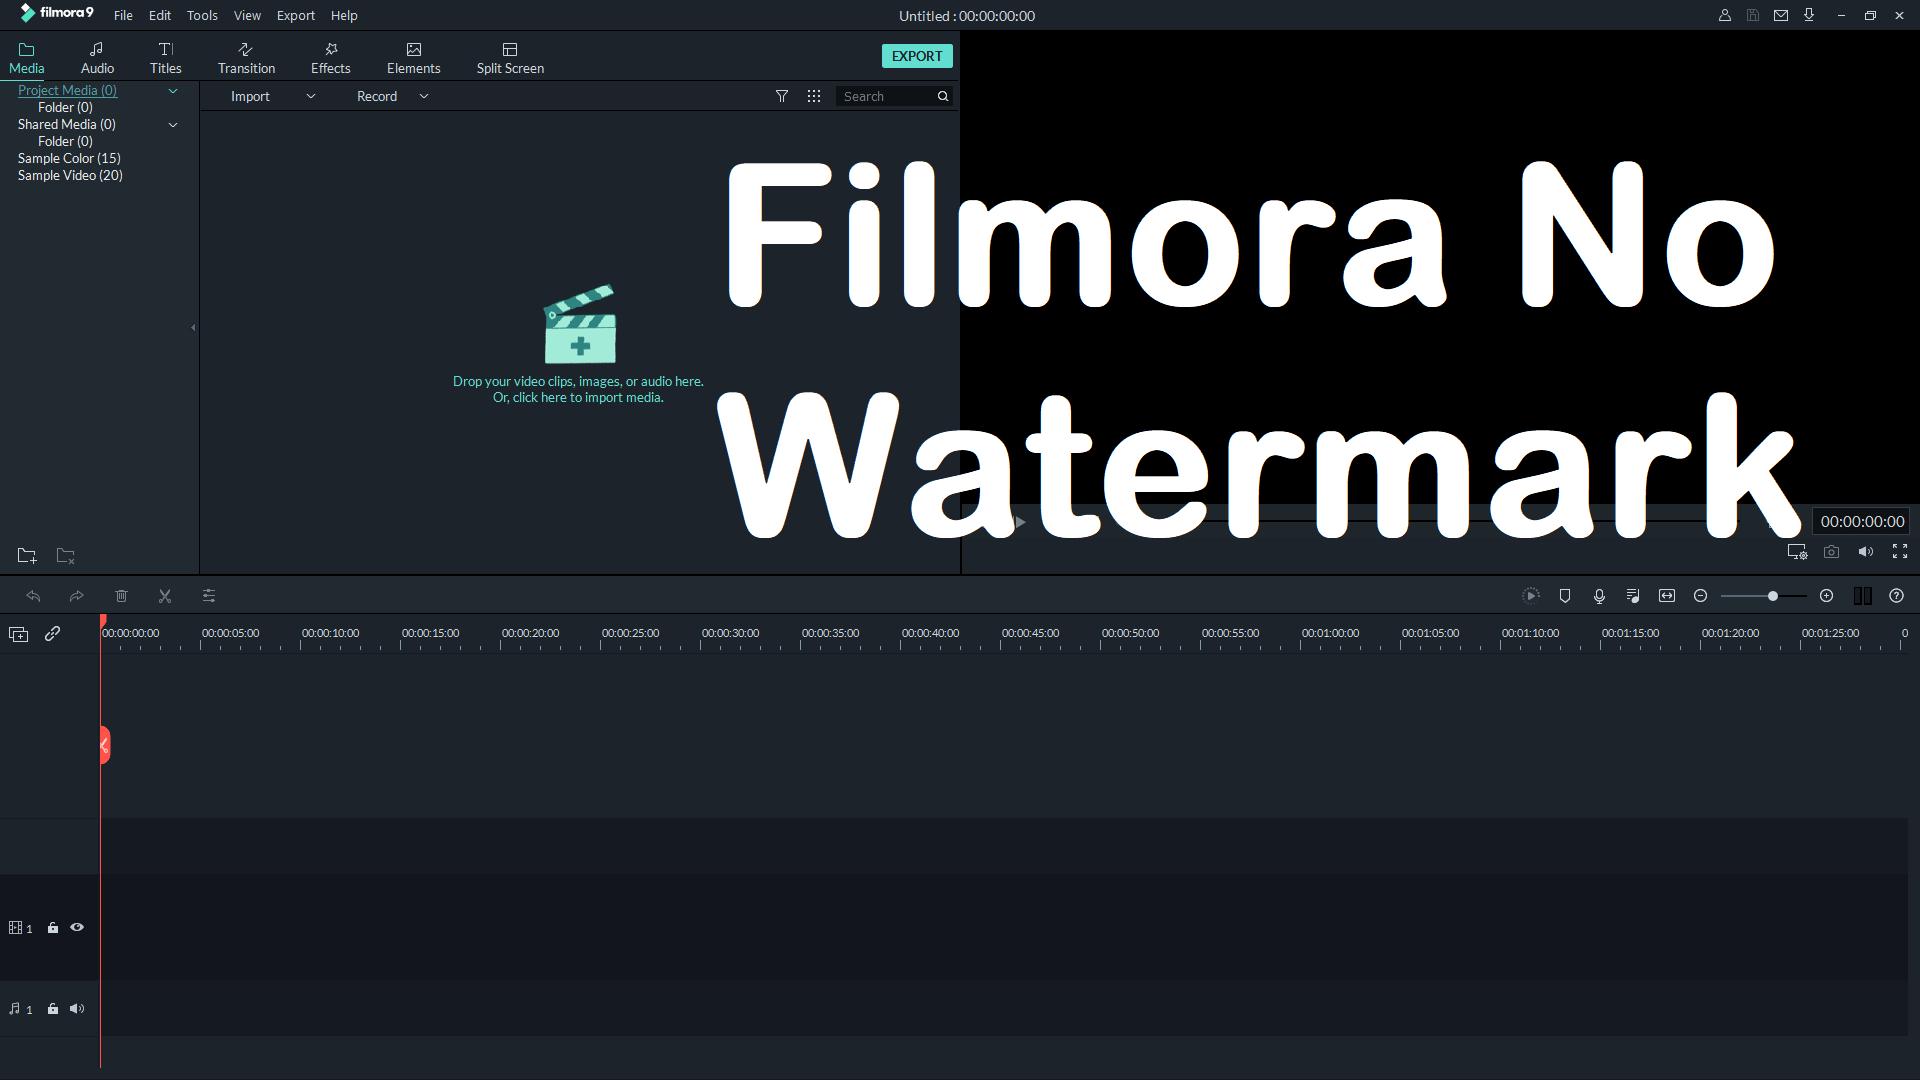 Cara Menghilangkan Watermark Filmora Terbaru Versi Ke 9 Gampang Dan Cara Pengaturan Firewall Agar Aktivasi Filmora Permanen Pesan Video Komputer